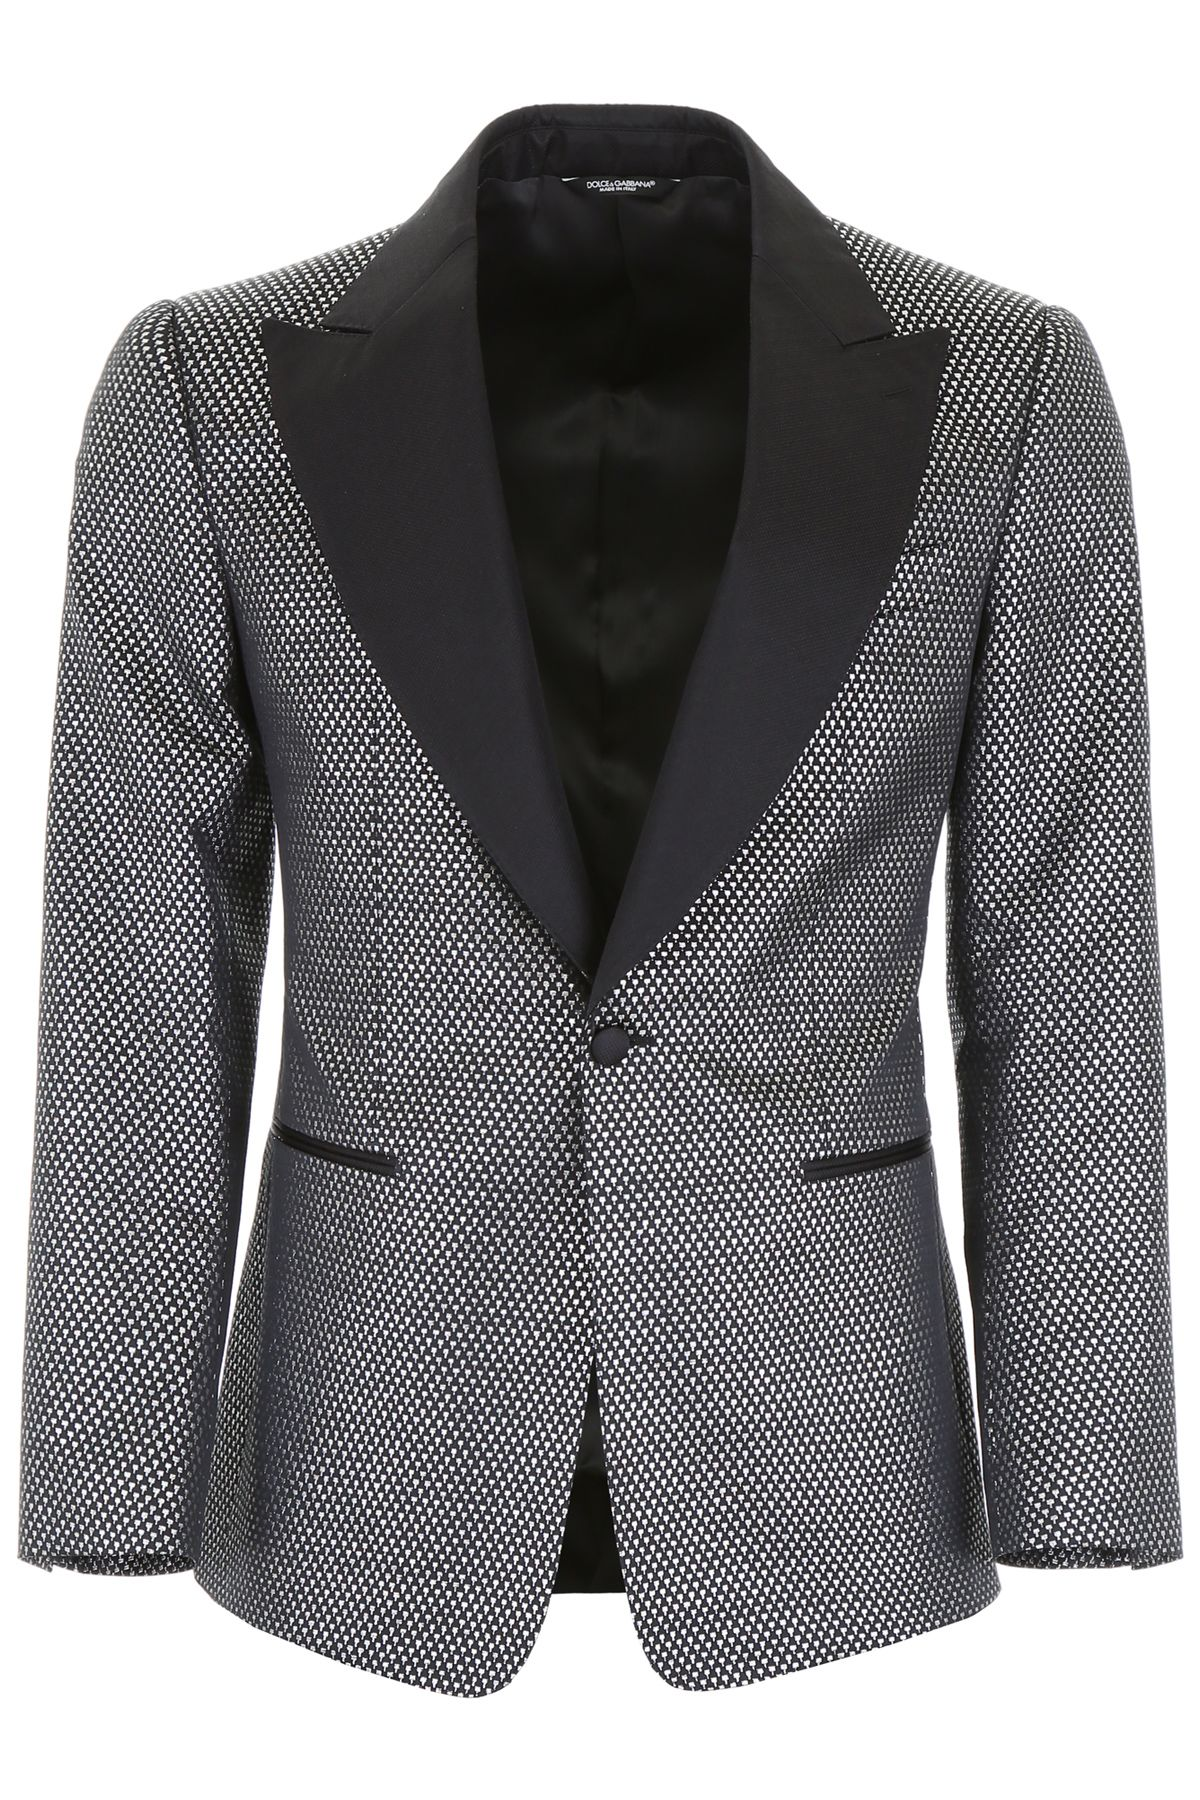 Dolce & Gabbana | Dolce & Gabbana Jacquard Tuxedo Jacket | Clouty